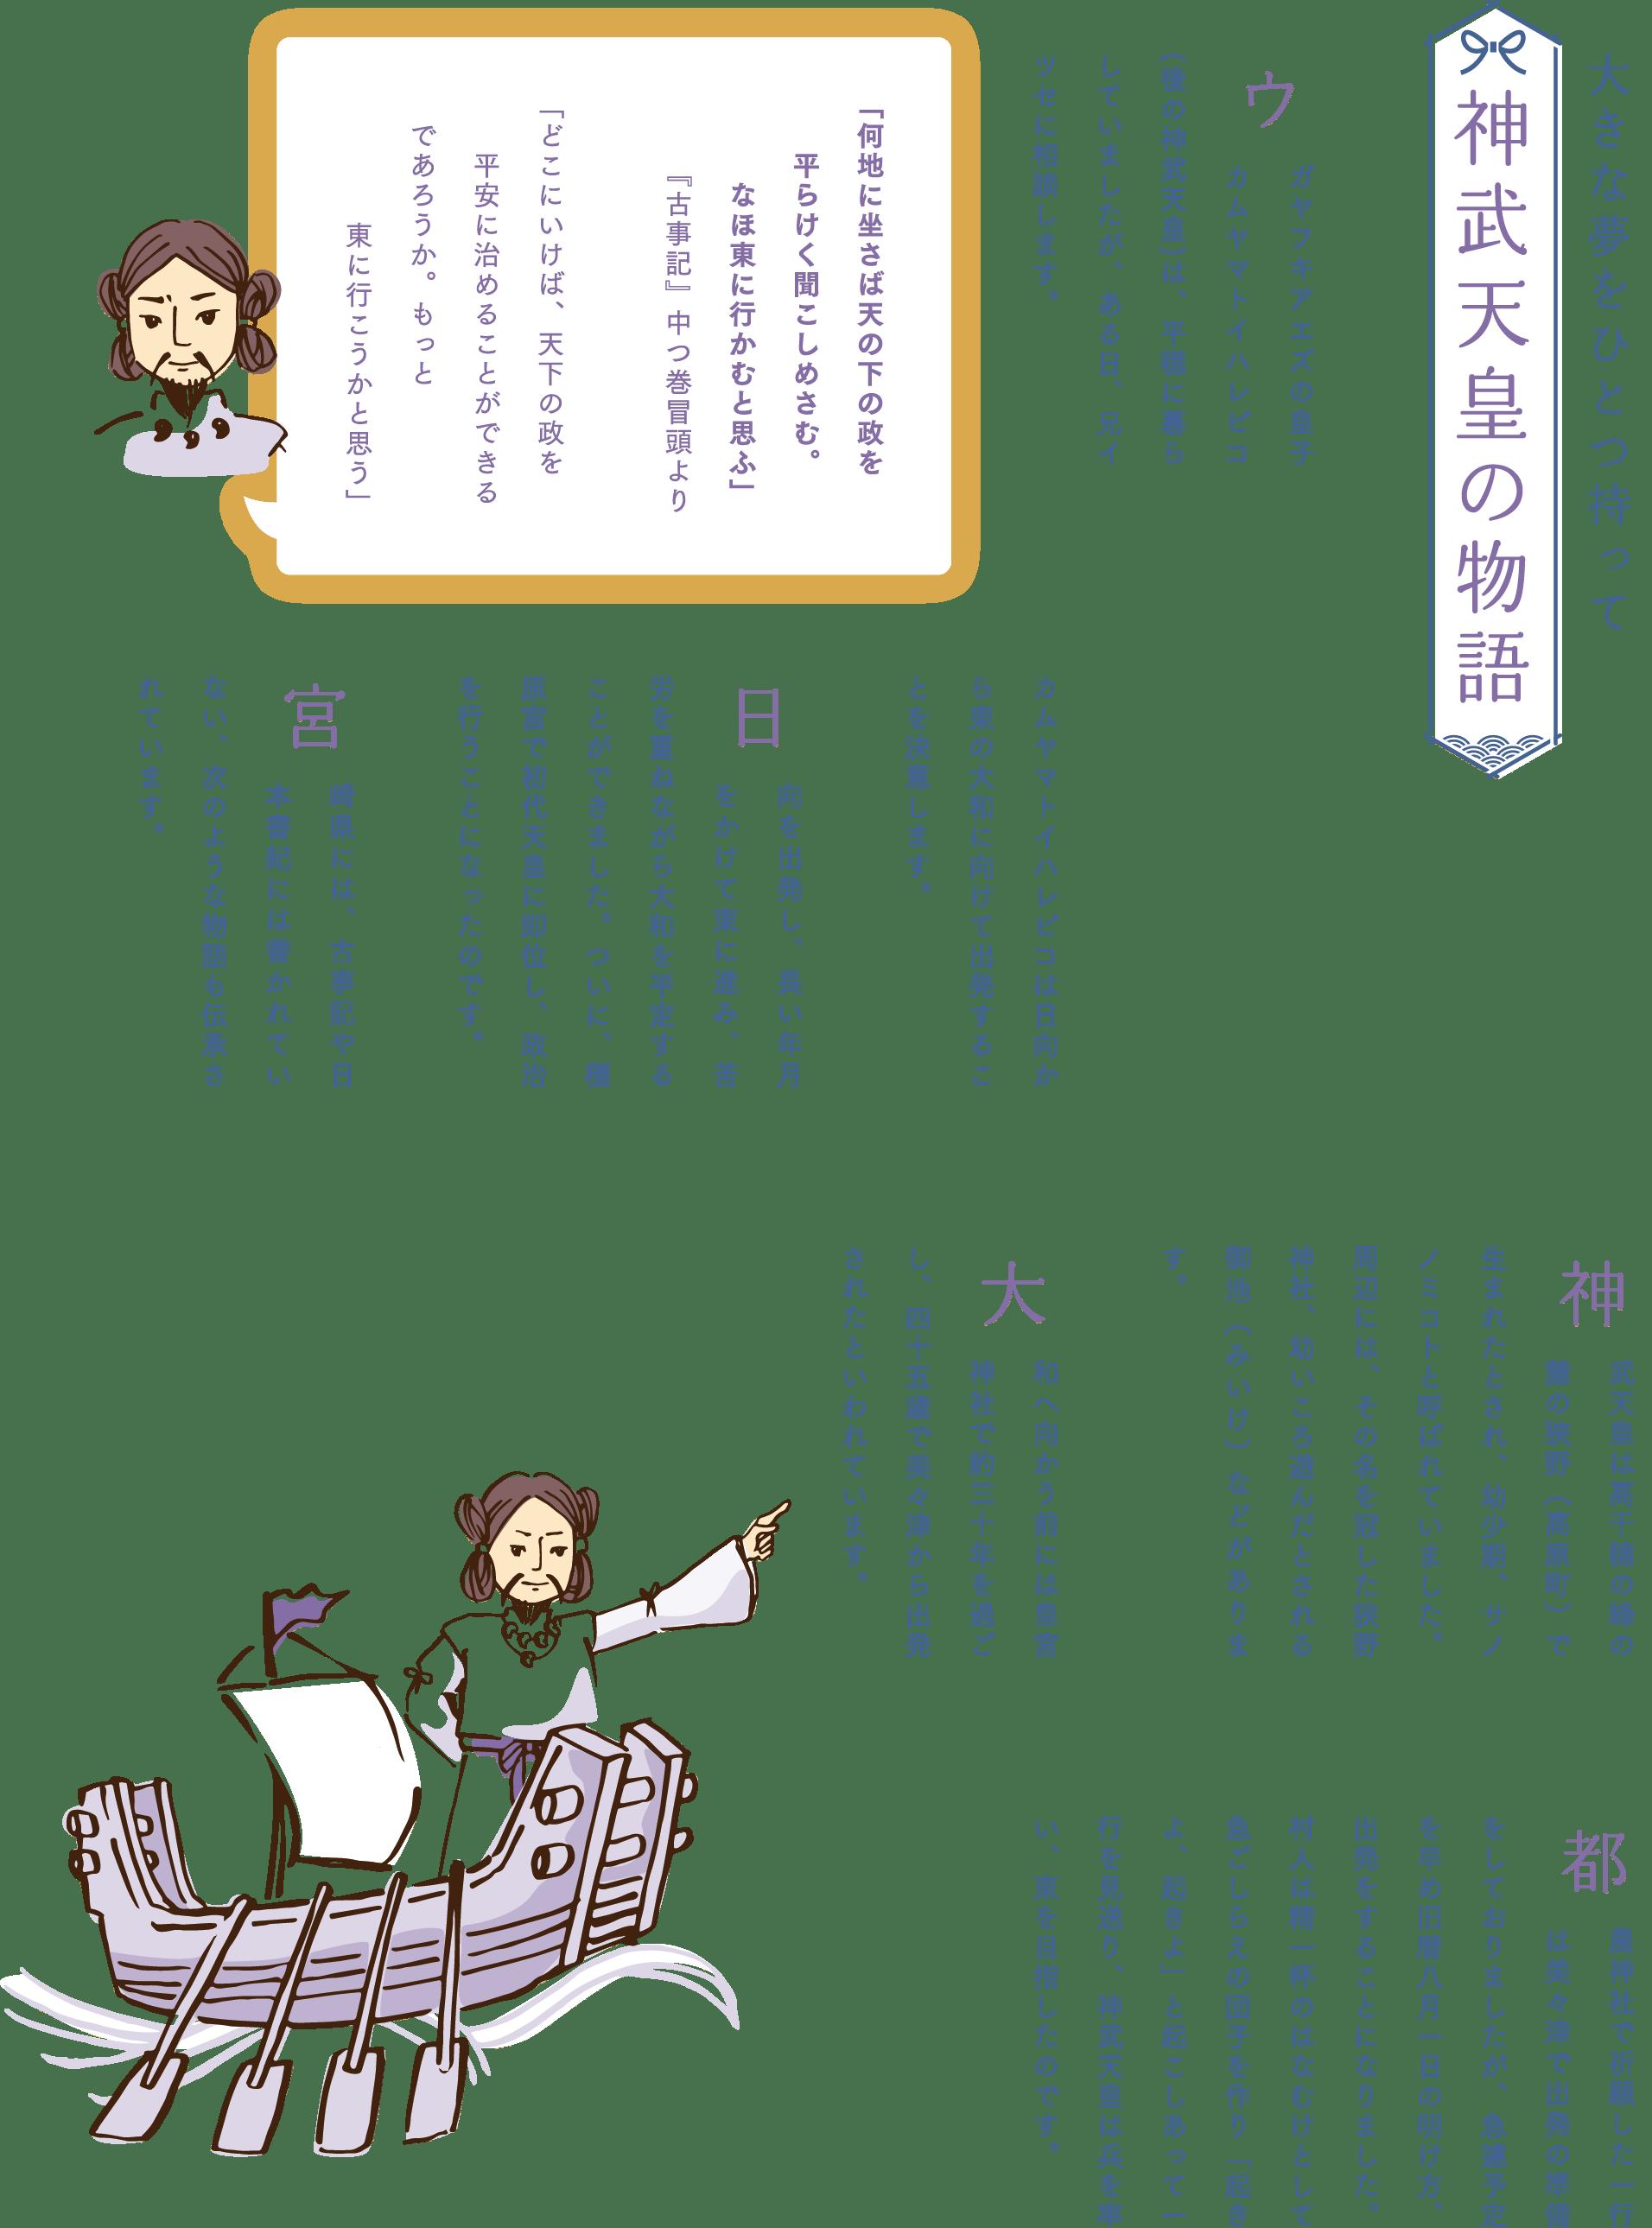 大きな夢をひとつ持って 神武天皇の物語 ウガヤフキアエズの皇子カムヤマトイハレビコ(後の神武天皇)は、平穏に暮らしていましたが、ある日、兄イツセに相談します。「何地に坐さば天の下の政を平らけく聞こしめさむ。なほ東に行かむと思ふ」『古事記』中つ巻冒頭より「どこにいけば、天下の政を平安に治めることができるであろうか。もっと東に行こうかと思う」カムヤマトイハレビコは日向から東の大和に向けて出発することを決意します。日向を出発し、長い年月をかけて東に進み、苦労を重ねながら大和を平定することができました。ついに、橿原宮で初代天皇に即位し、政治を行うことになったのです。宮崎県には、古事記や日本書紀には書かれていない、次のような物語も伝承されています。神武天皇は高千穂の峰の麓の狭野(高原町)で生まれたとされ、幼少期、サノノミコトと呼ばれていました。周辺には、その名を冠した狭野神社、幼いころ遊んだとされる御池(みいけ)などがあります。大和へ向かう前には皇宮神社で約三十年を過ごし、四十五歳で美々津から出発されたといわれています。都農神社で祈願した一行は美々津で出発の準備をしておりましたが、急遽予定を早め旧暦八月一日の明け方、出発をすることになりました。村人は精一杯のはなむけとして急ごしらえの団子を作り「起きよ、起きよ」と起こしあって一行を見送り、神武天皇は兵を率い、東を目指したのです。